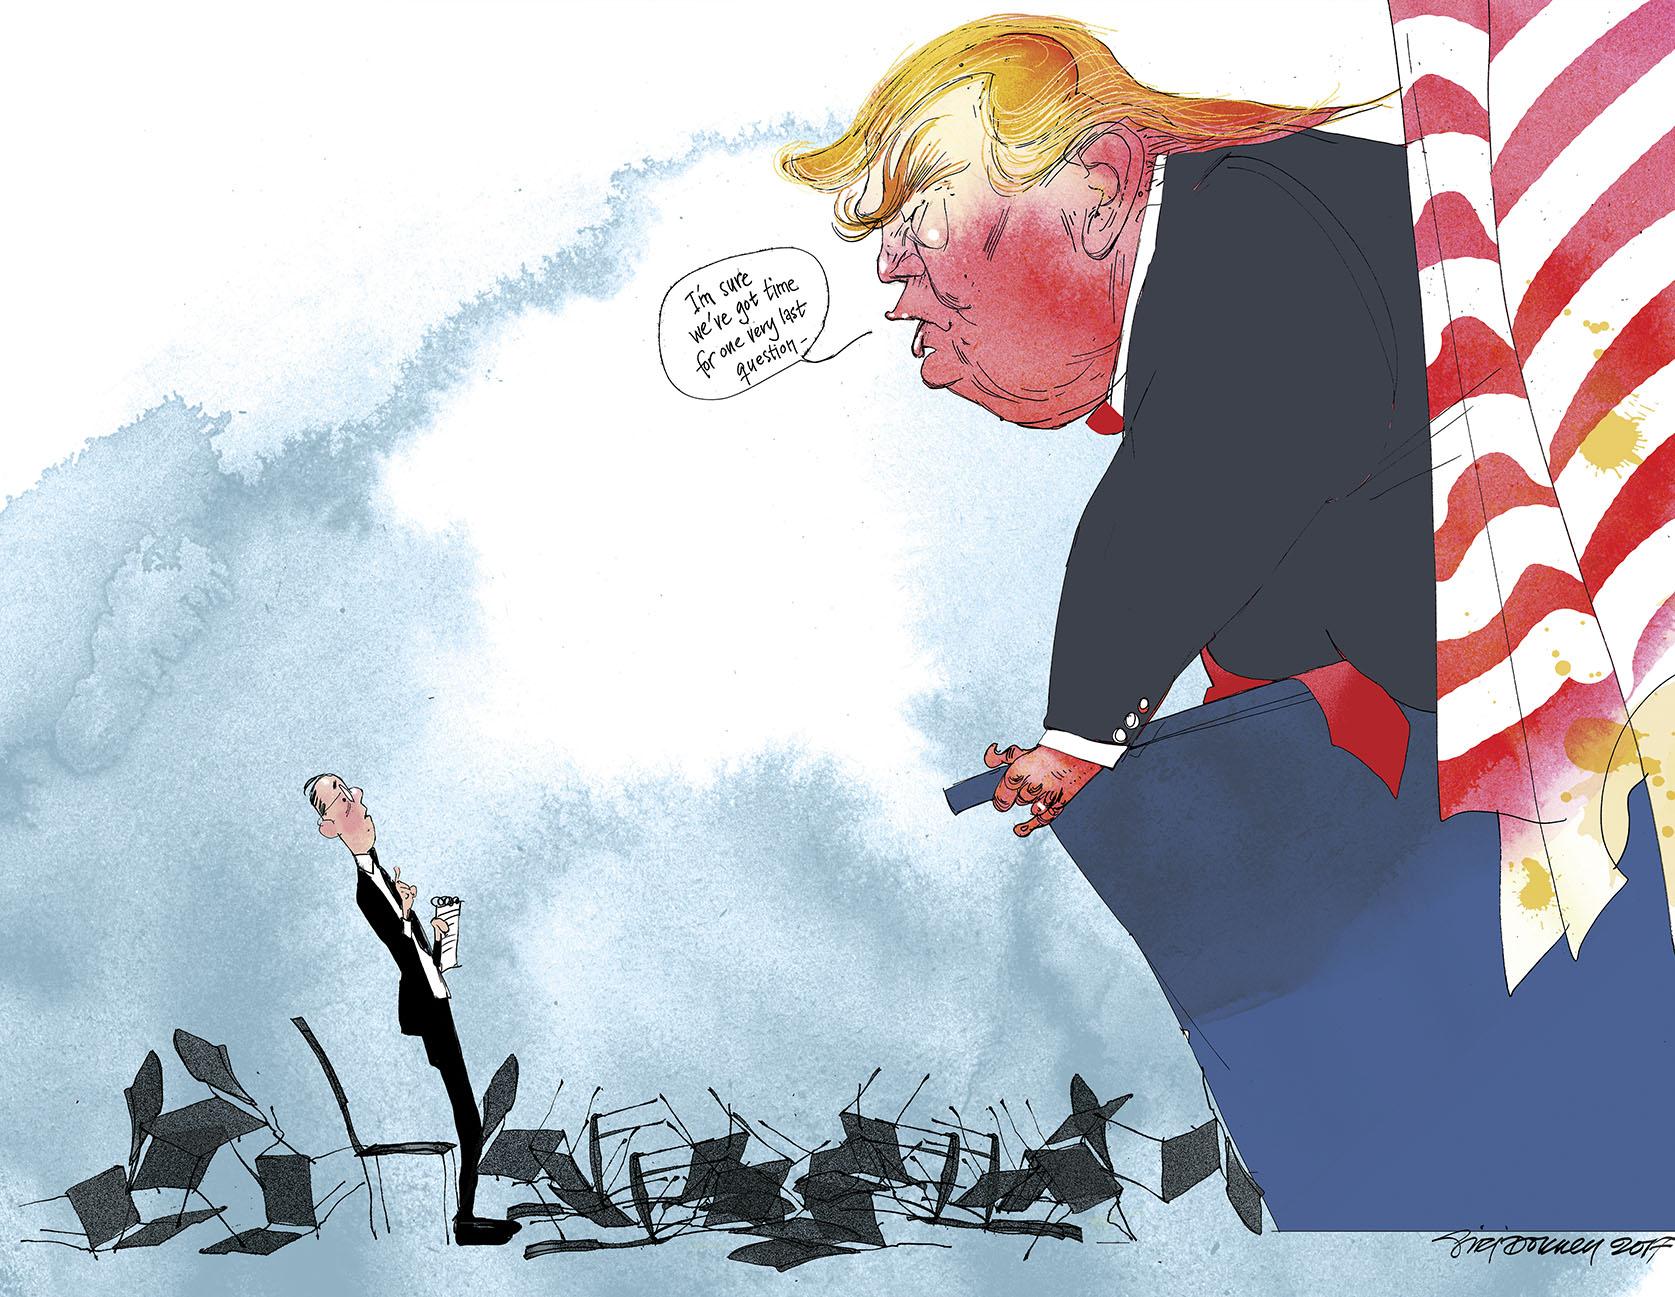 Trump vs the press, 2017